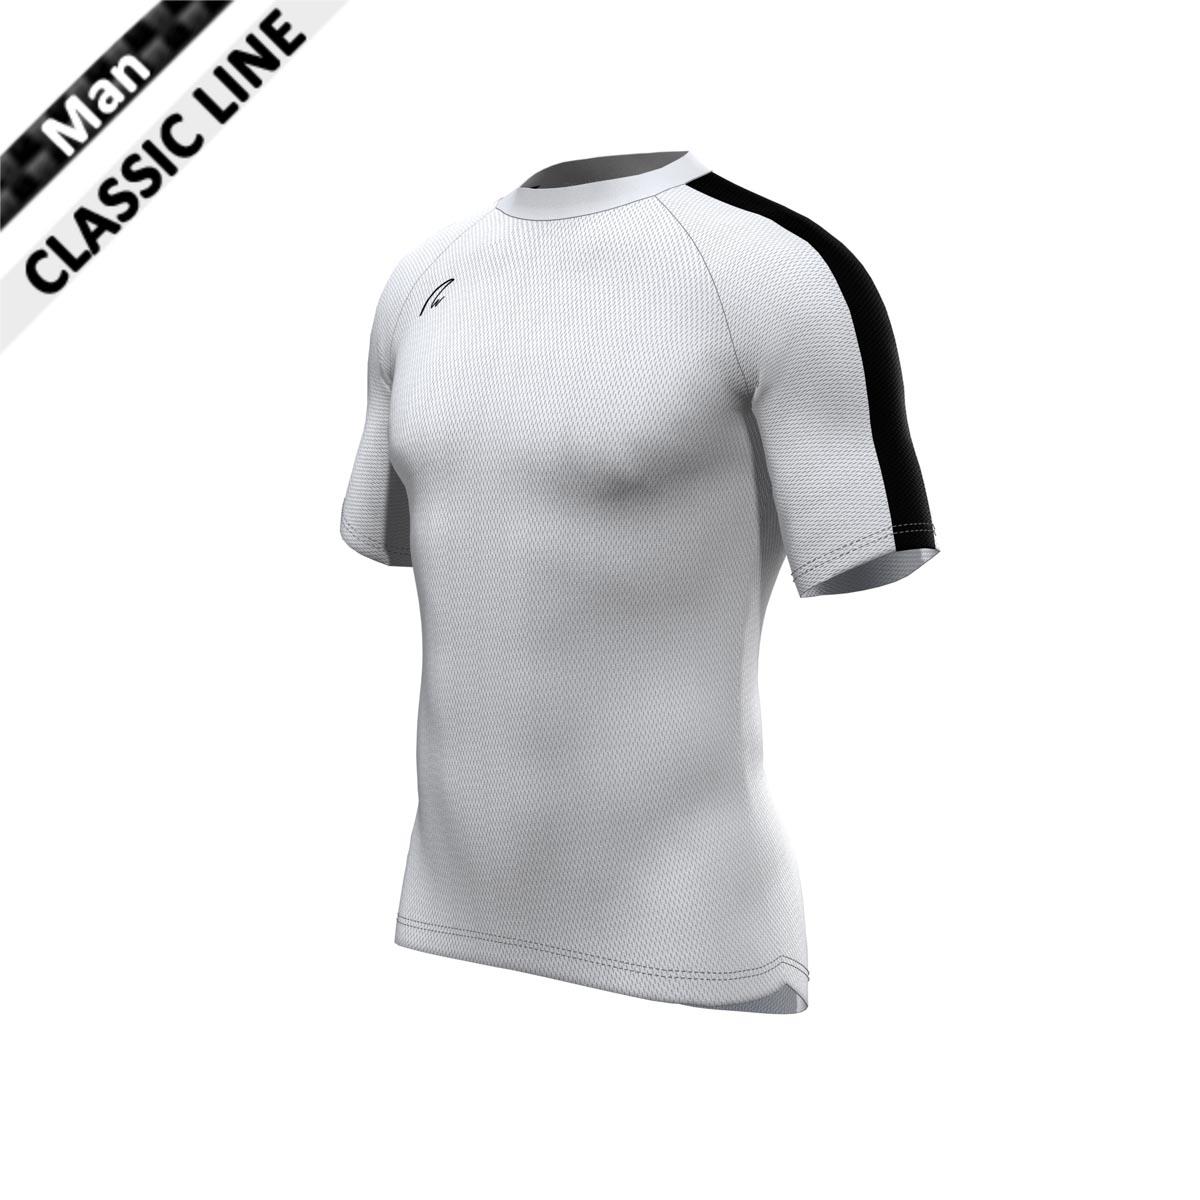 CoolMax Shirt - Man weiss-schwarz